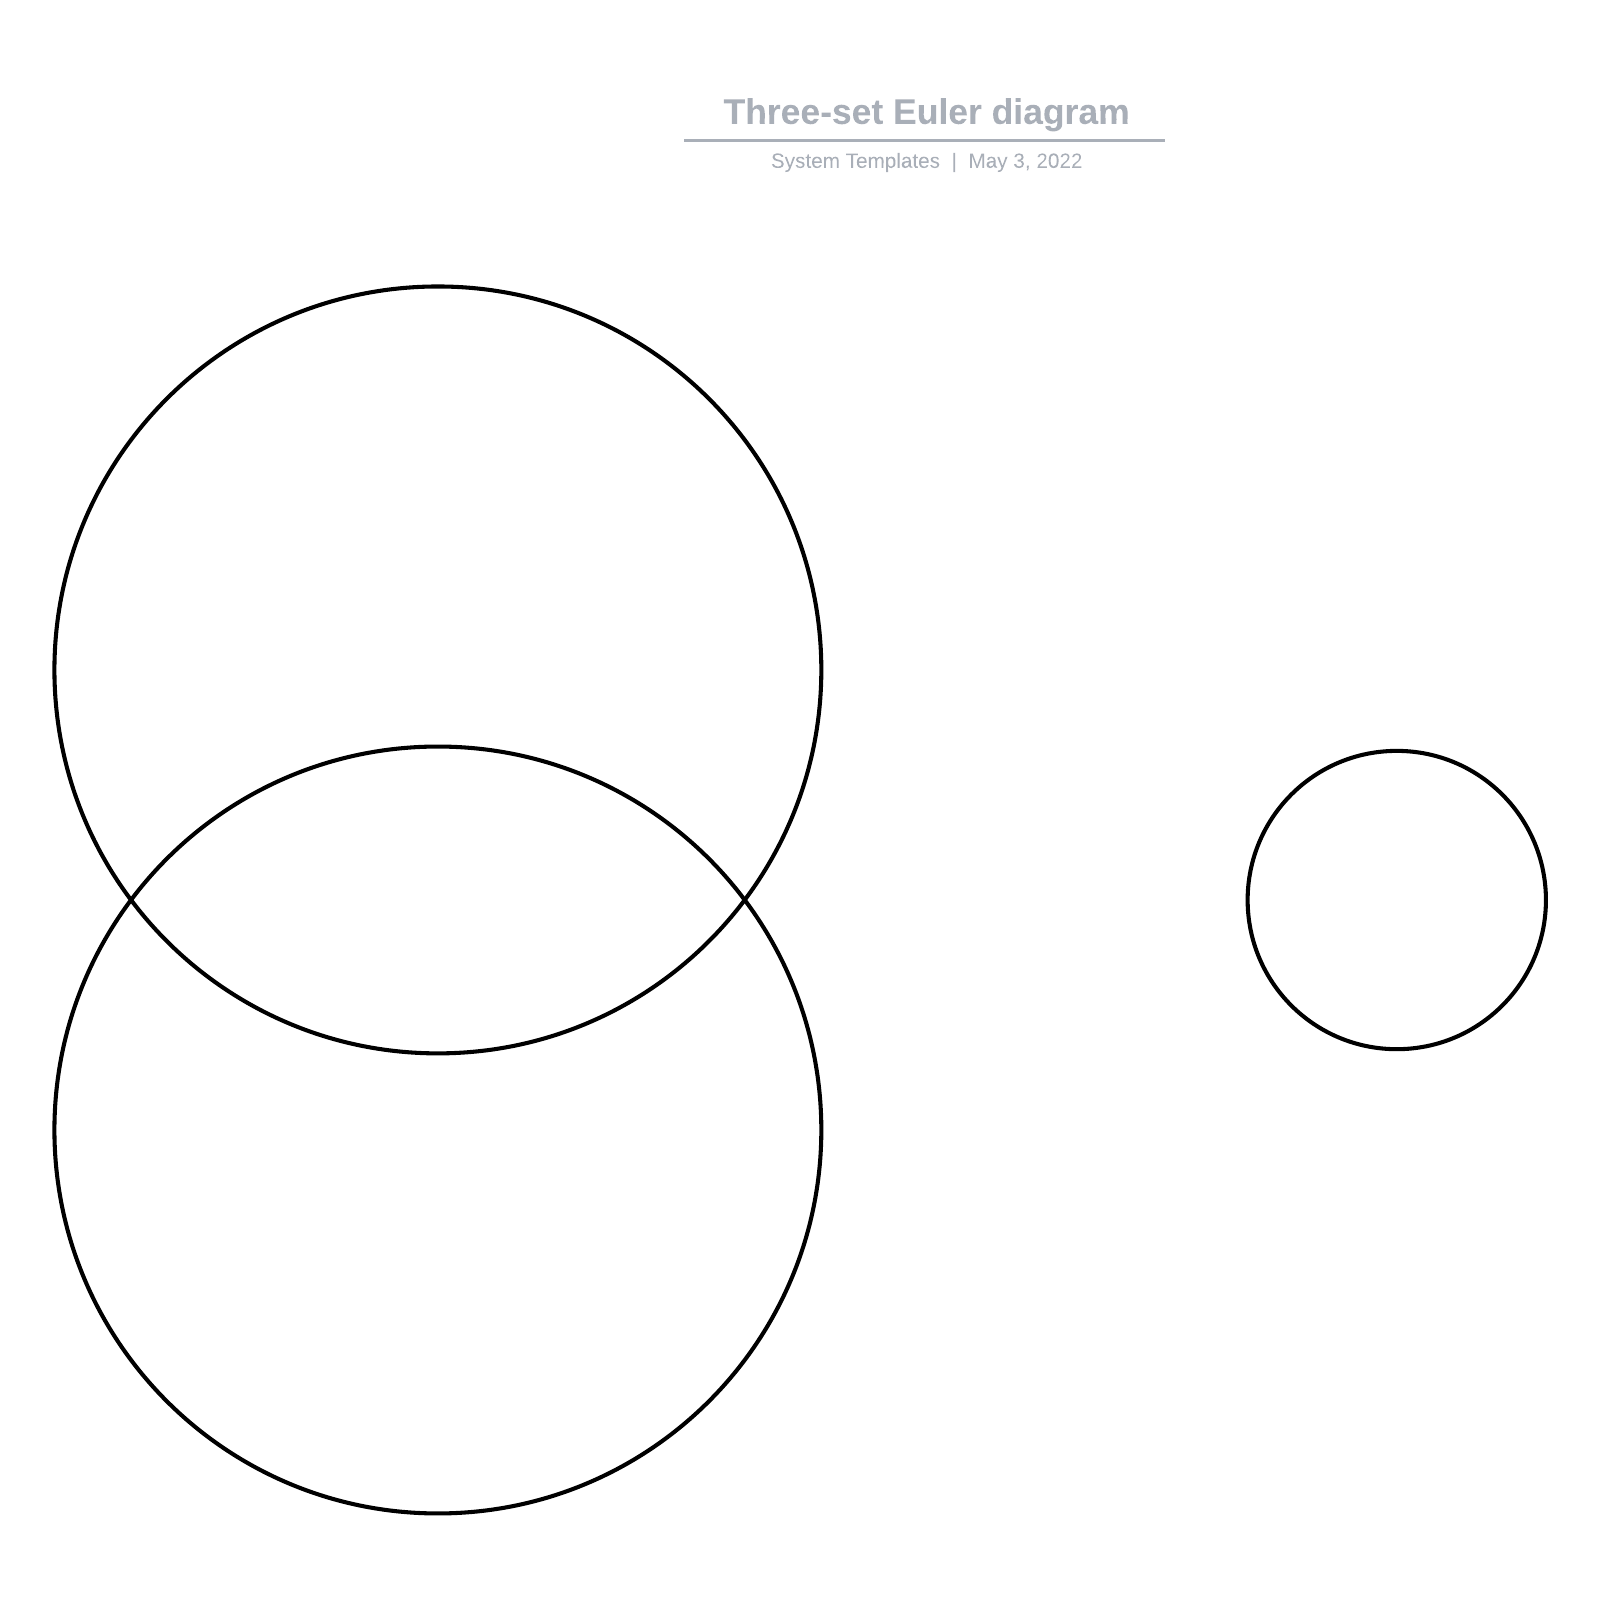 Three-set Euler diagram